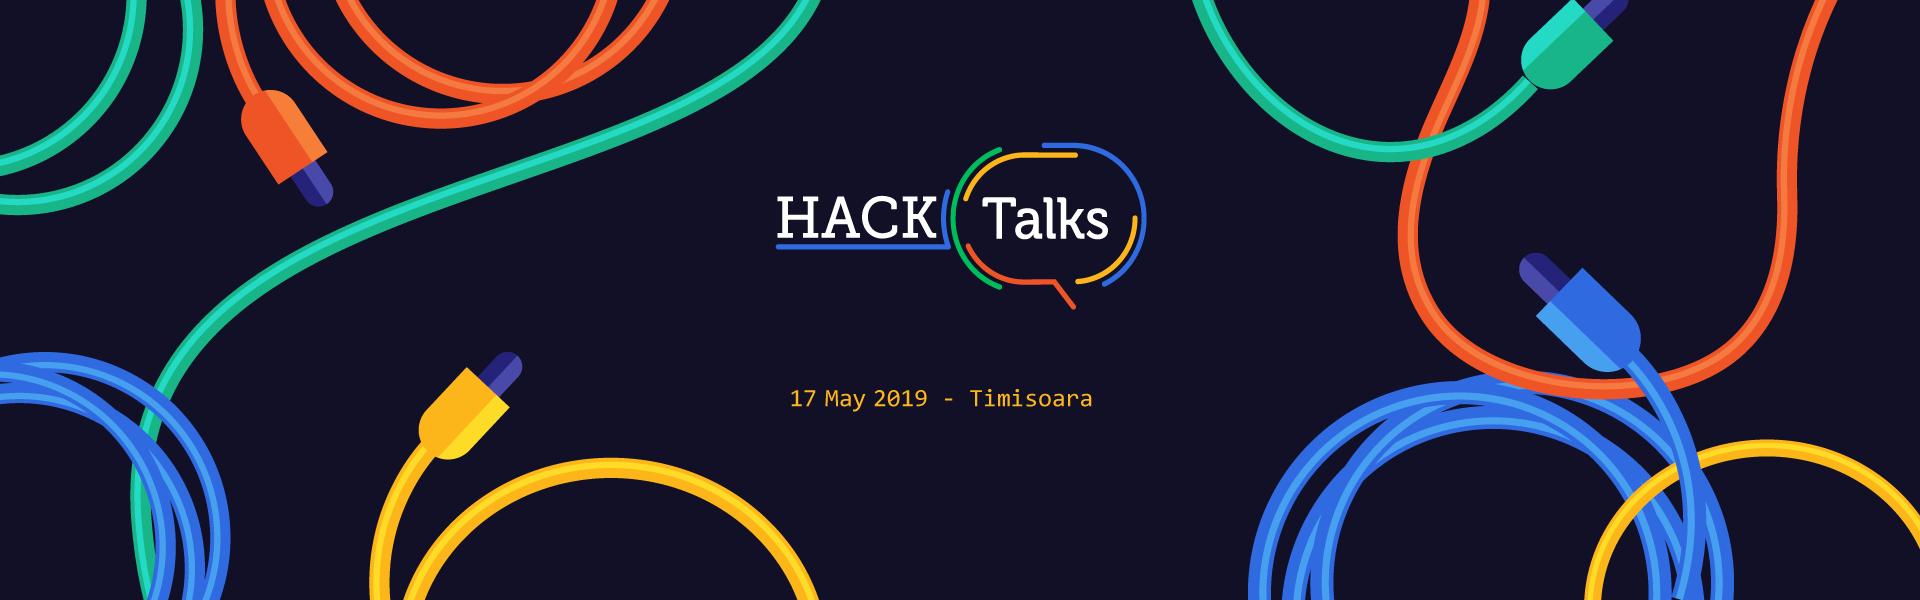 HackTalks